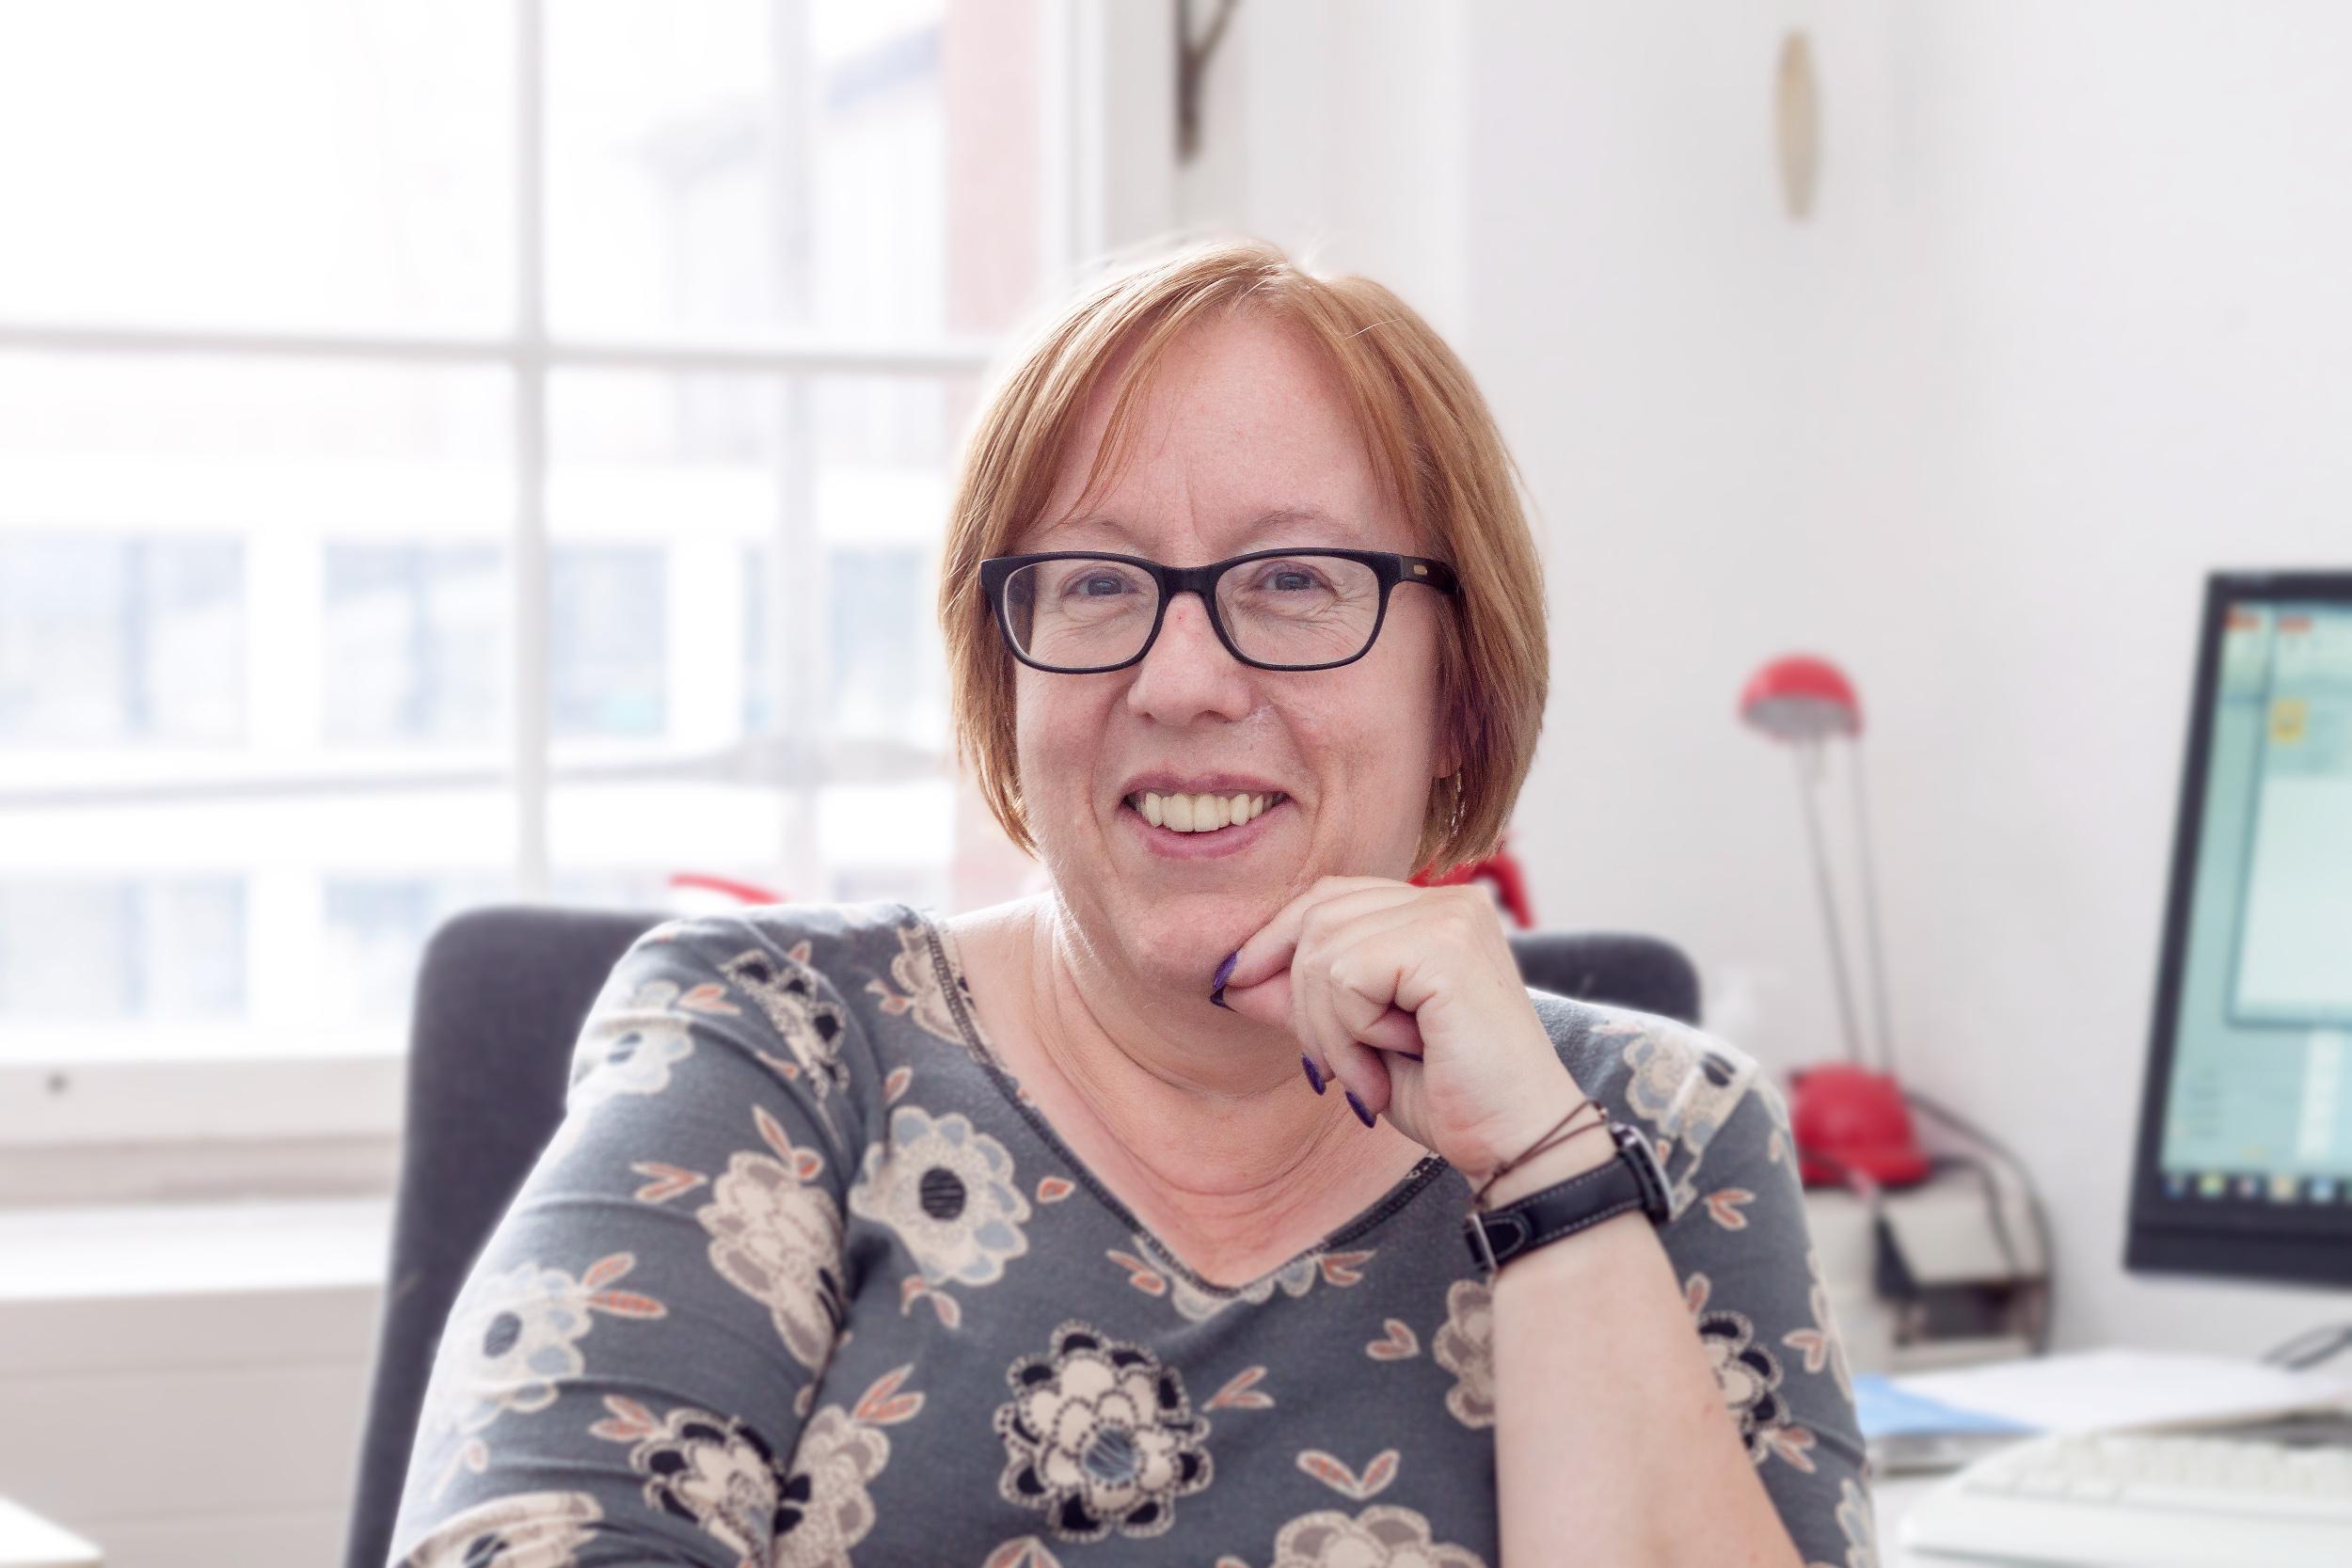 Sabine Falkensteiner, Gleichstellungsbeauftragte der Stadt Dessau-Roßlau